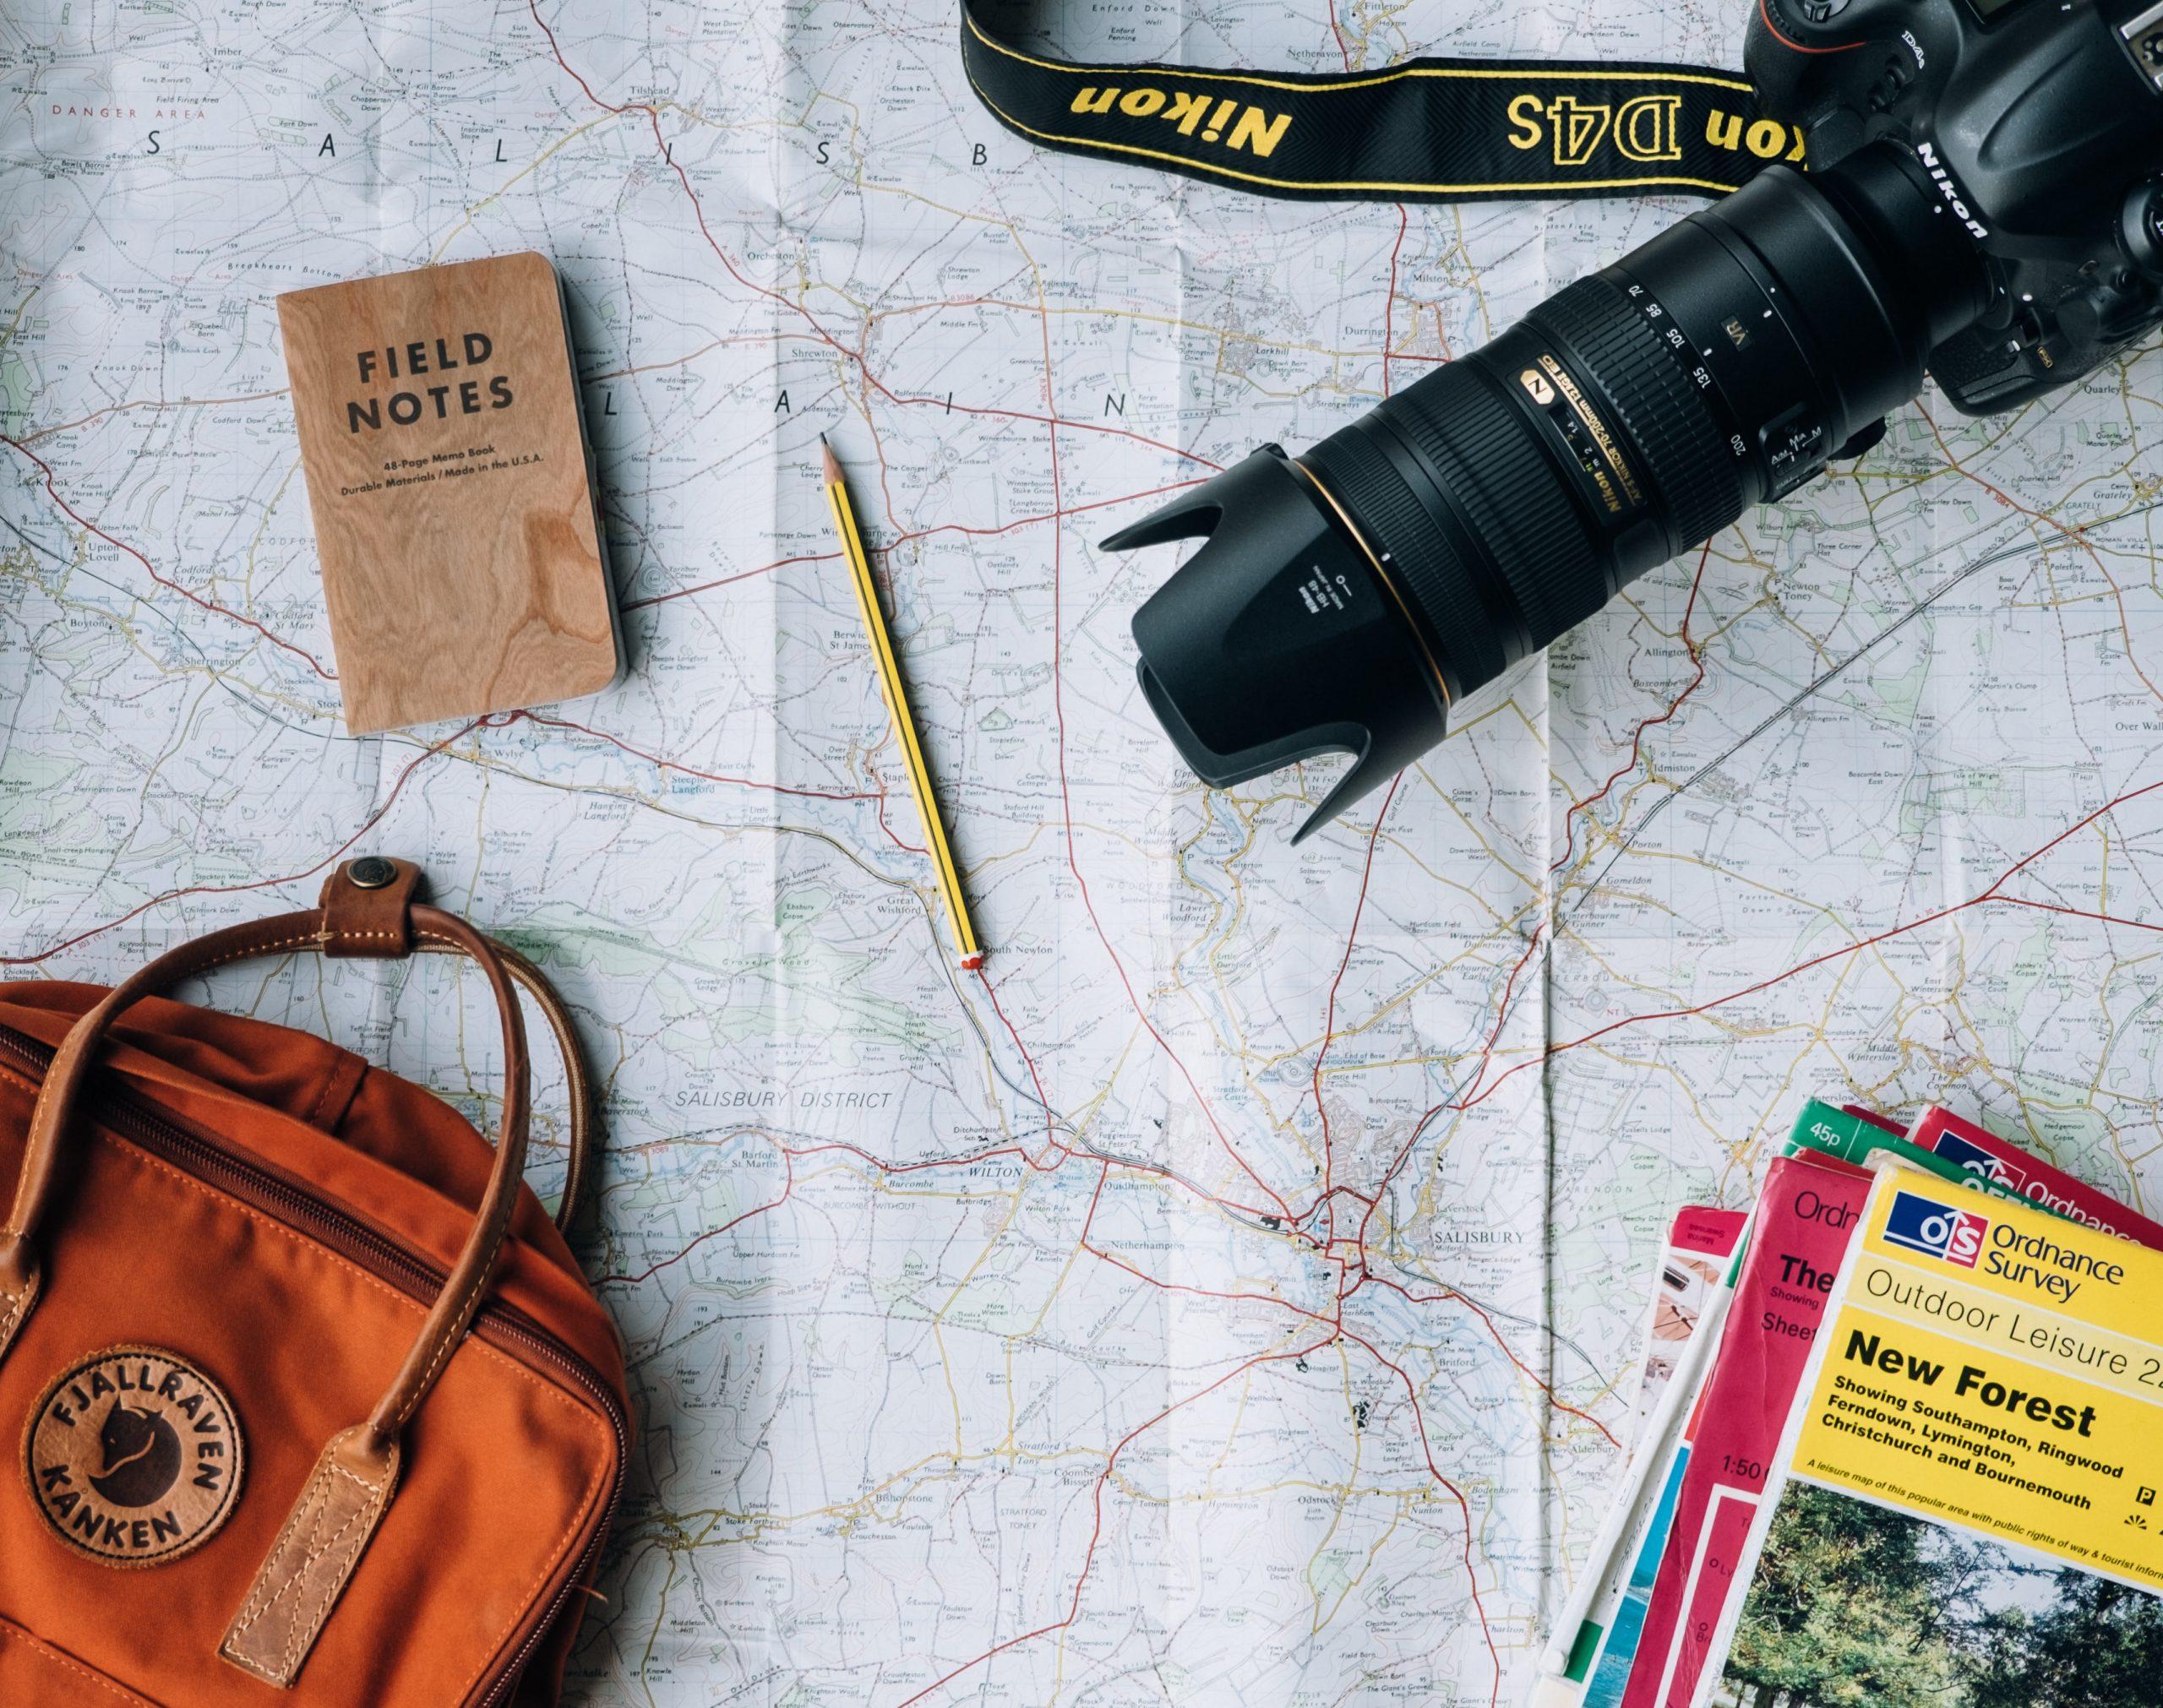 Viaggi Low Cost formato famiglia: come viaggiare risparmiando